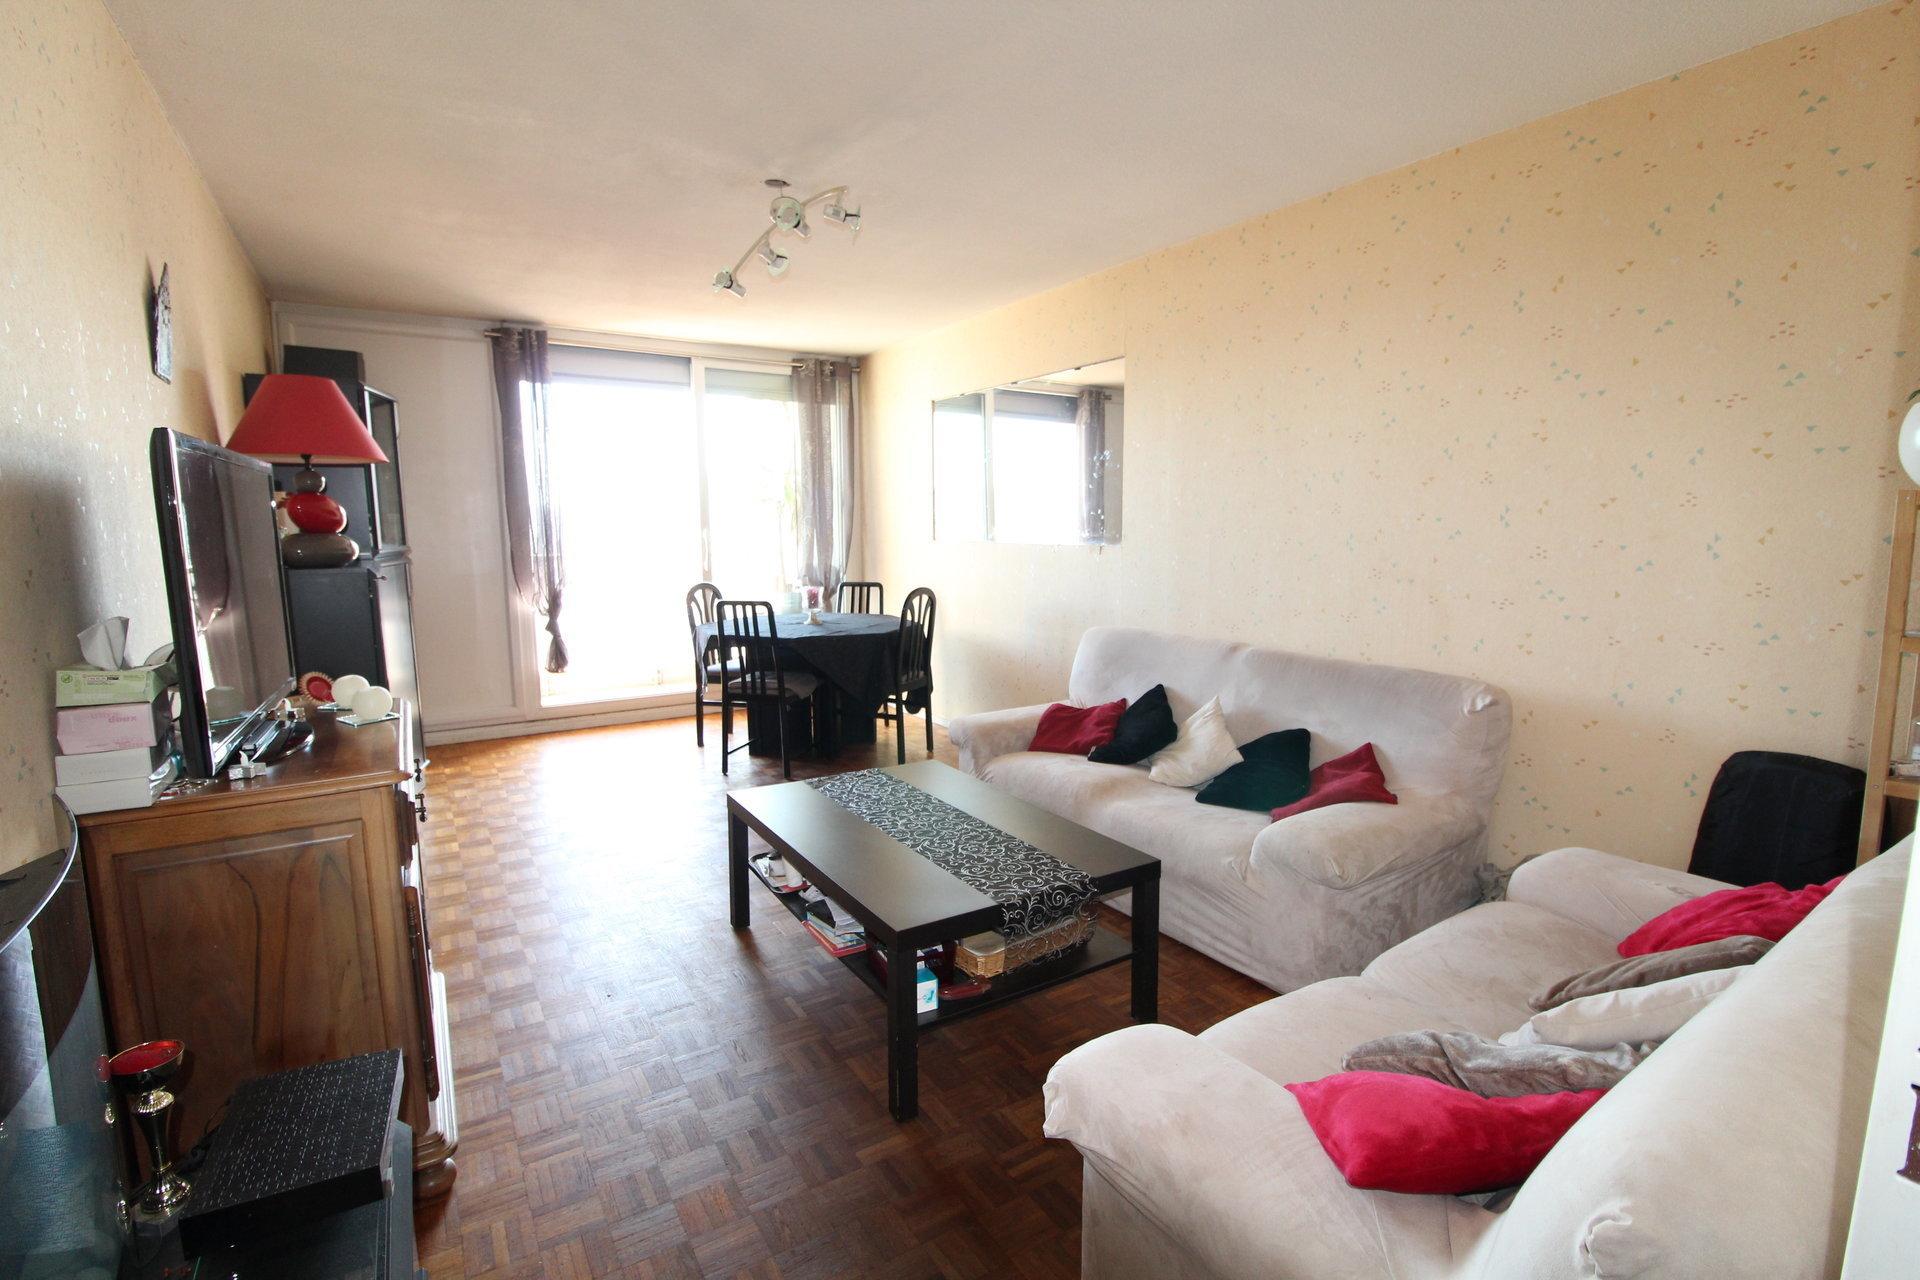 Appartement Saint-Etienne / Bergson 5 pièces 100m2 avec balcon et garage